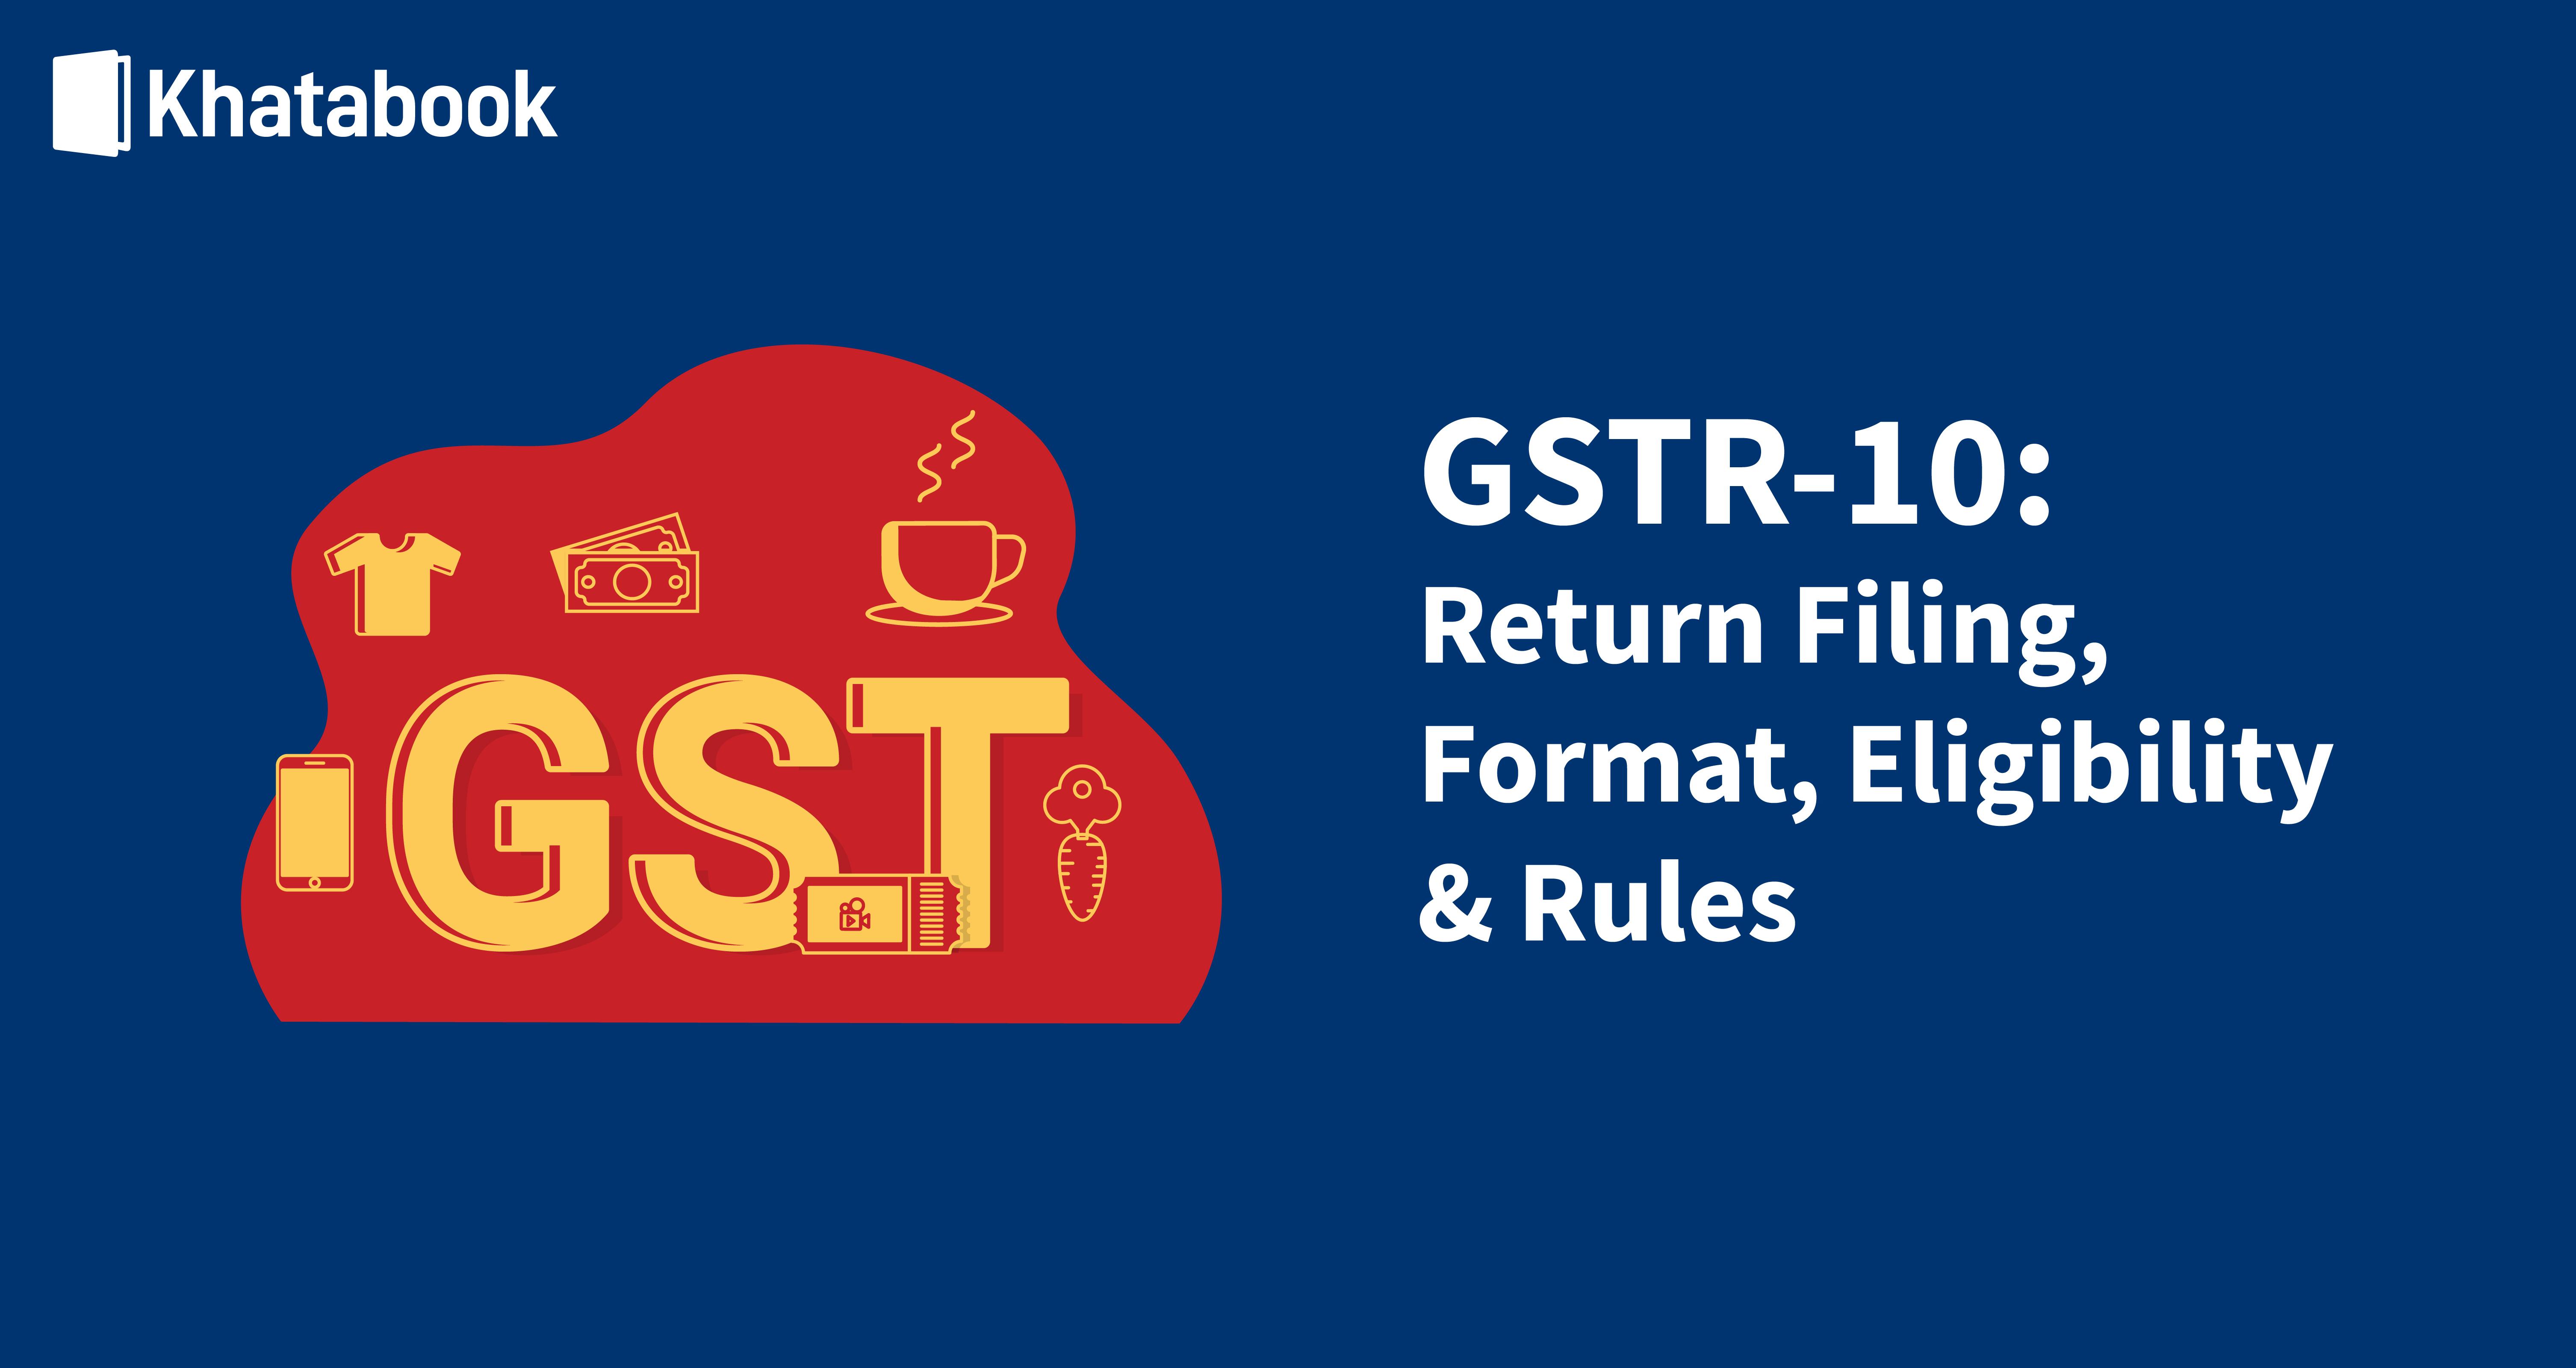 Filing GSTR-10 On GST Portal For Final Return